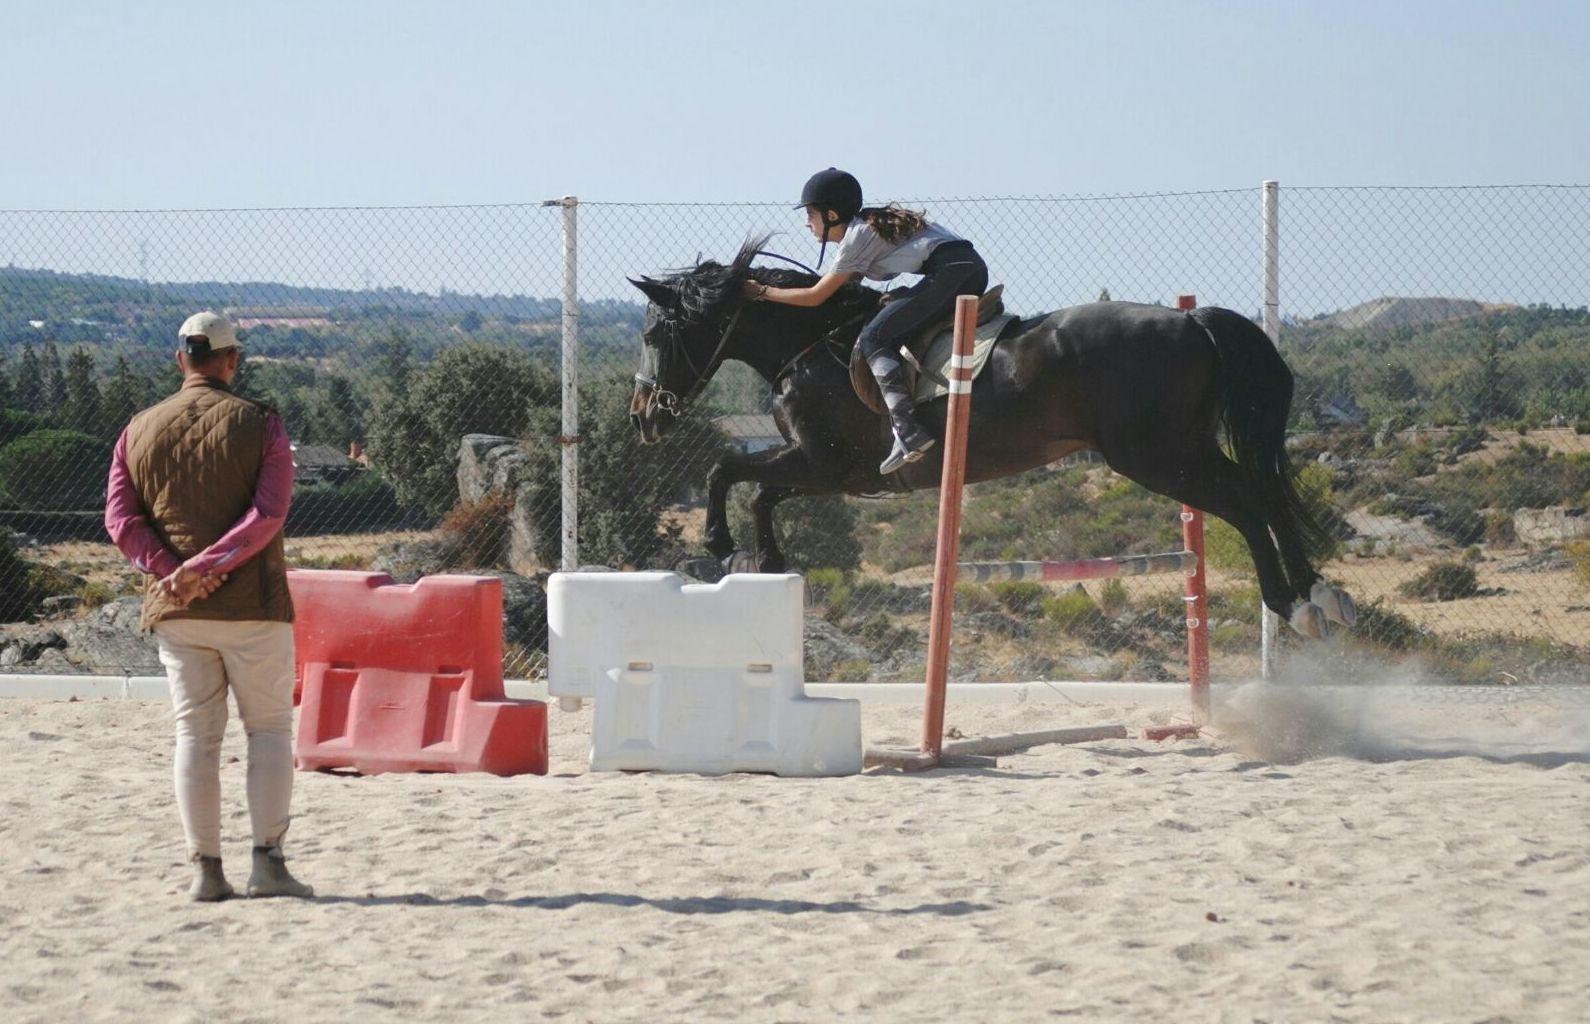 Foto 46 de Club hípico con servicio de pupilaje y veterinario en cerceda | Las Nieves Club Hípico